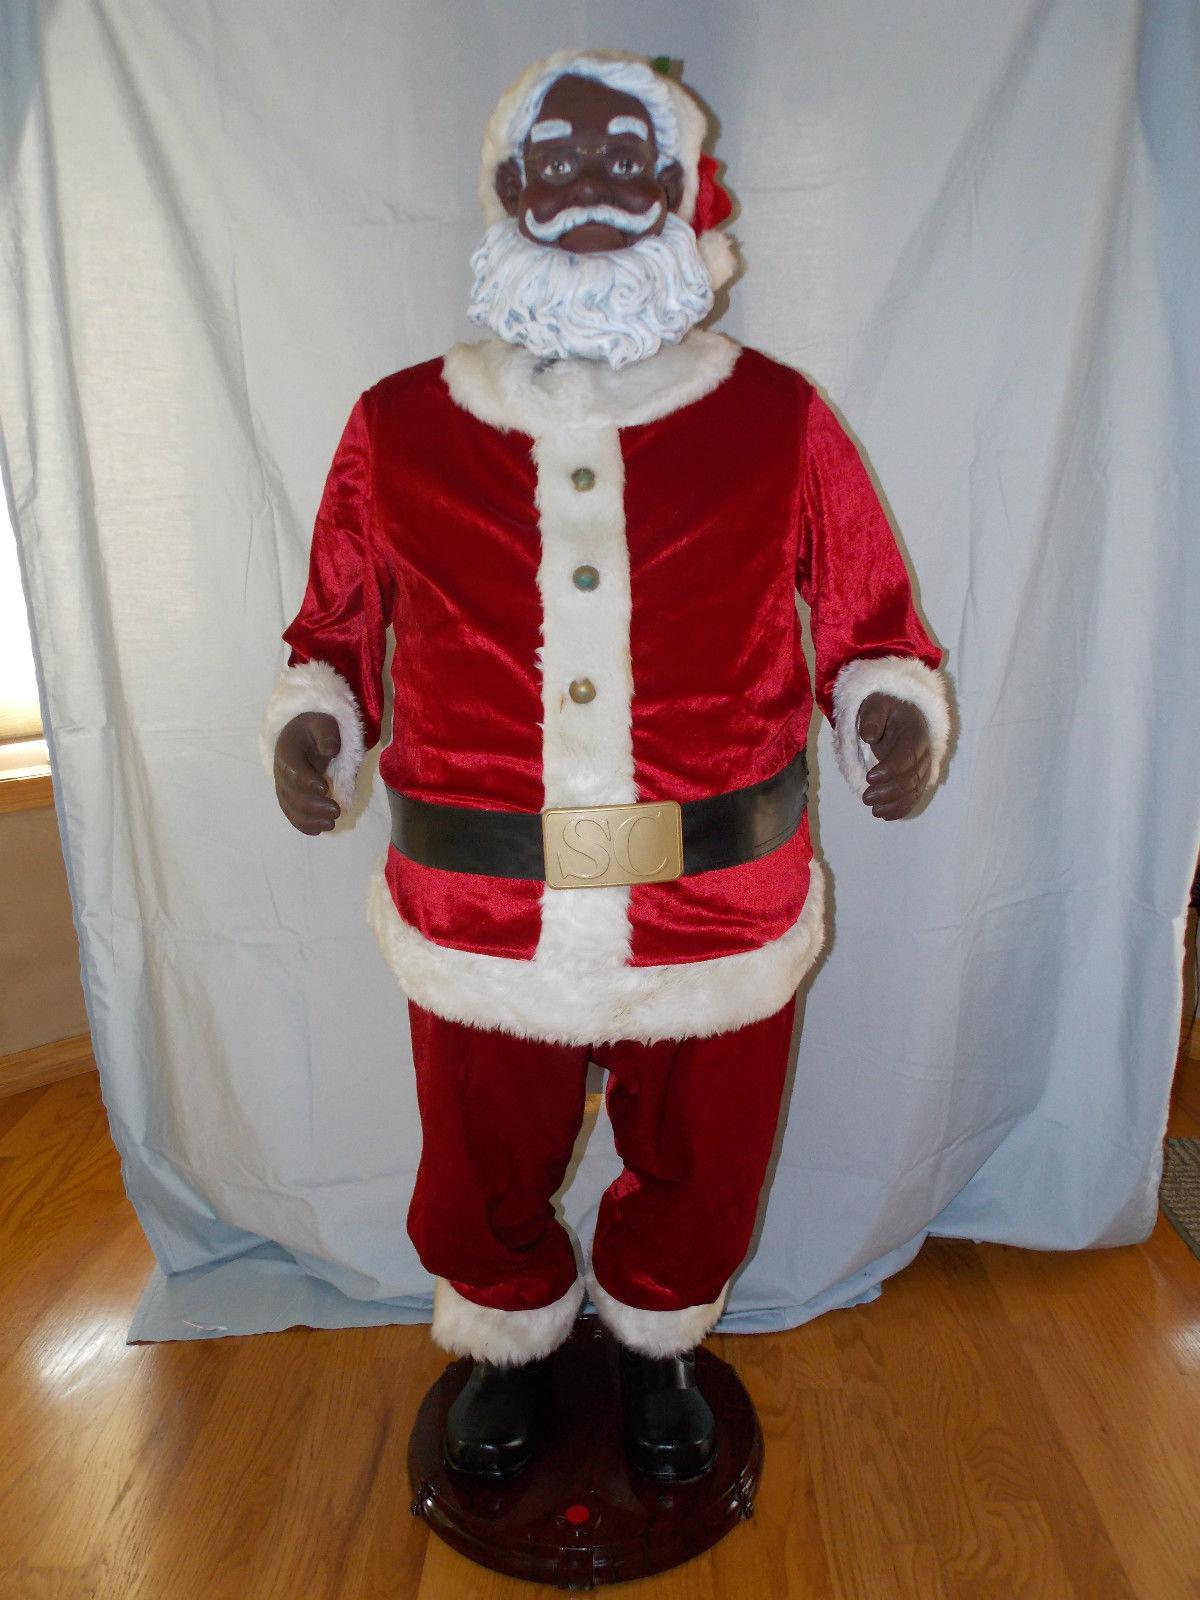 Life Size Dancing Santa Gemmy Wiki Fandom Powered By Wikia